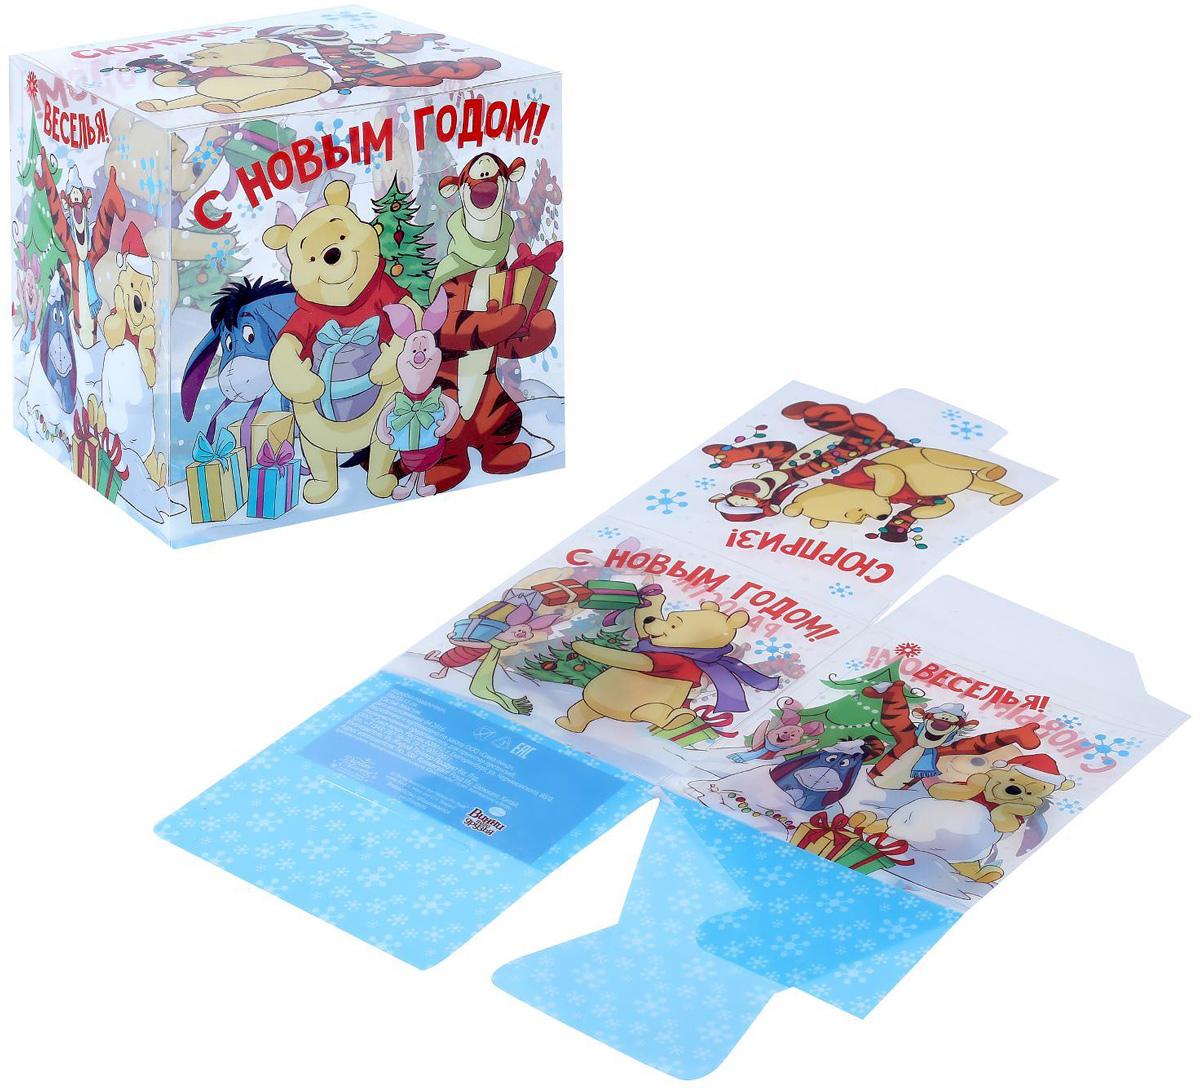 Коробка складная Disney Радости! Медвежонок Винни и его друзья, 15 х 15 х 15 см1426874Коробка складная Disney Радости! Медвежонок Винни и его друзья выполнена из пластика. Любой подарок начинается с упаковки. Что может быть трогательнее и волшебнее, чем ритуал разворачивания полученного презента. И именно оригинальная, со вкусом выбранная упаковка выделит ваш подарок из массы других. Она продемонстрирует самые теплые чувства к виновнику торжества и создаст сказочную атмосферу праздника. Размер коробки в сложенном виде: 15 х 15 х 15 см.